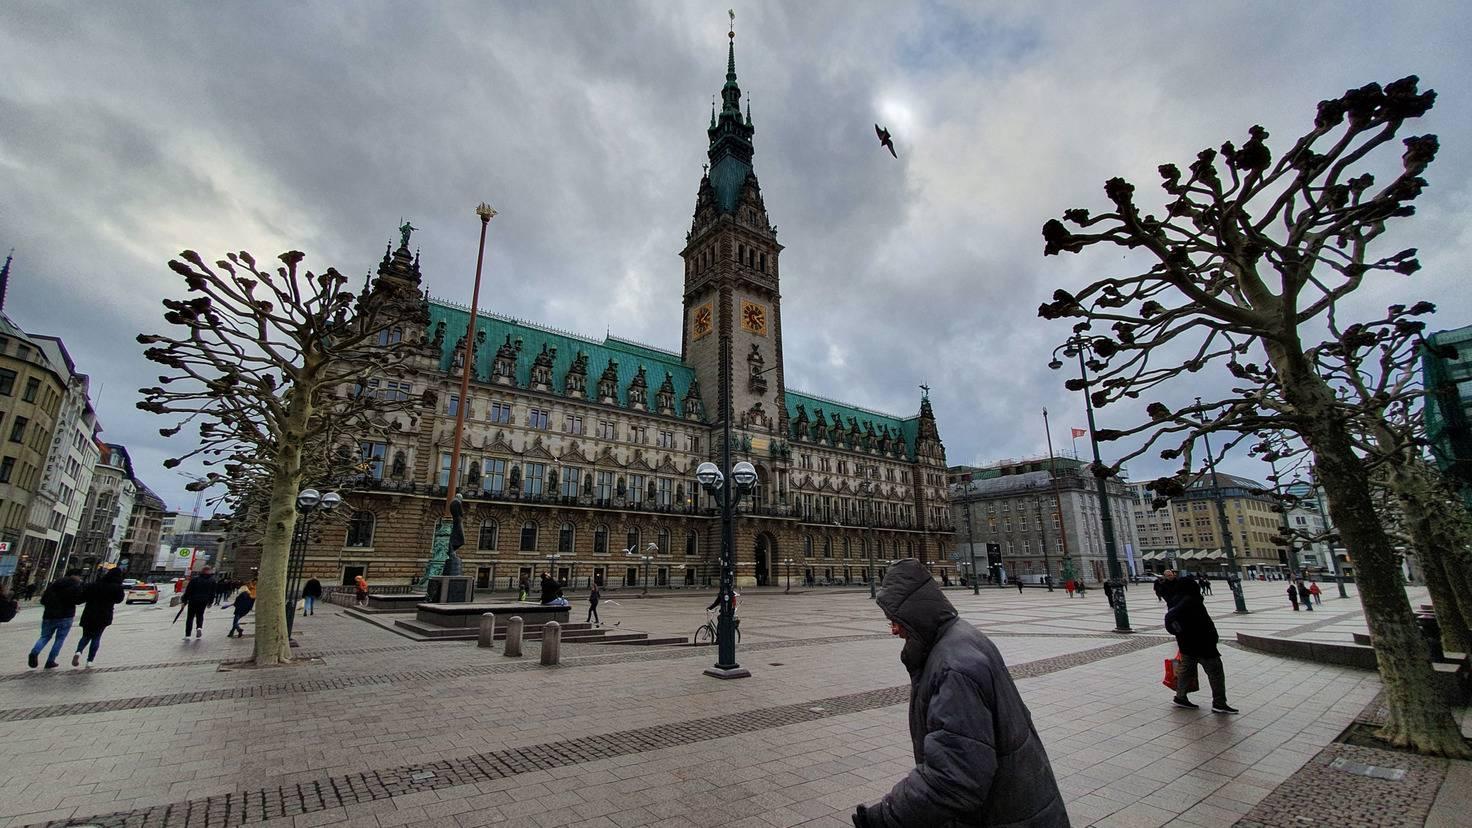 Die Ultraweitwinkelkamera eröffnet neue Perspektiven wie hier beim Hamburger Rathaus.